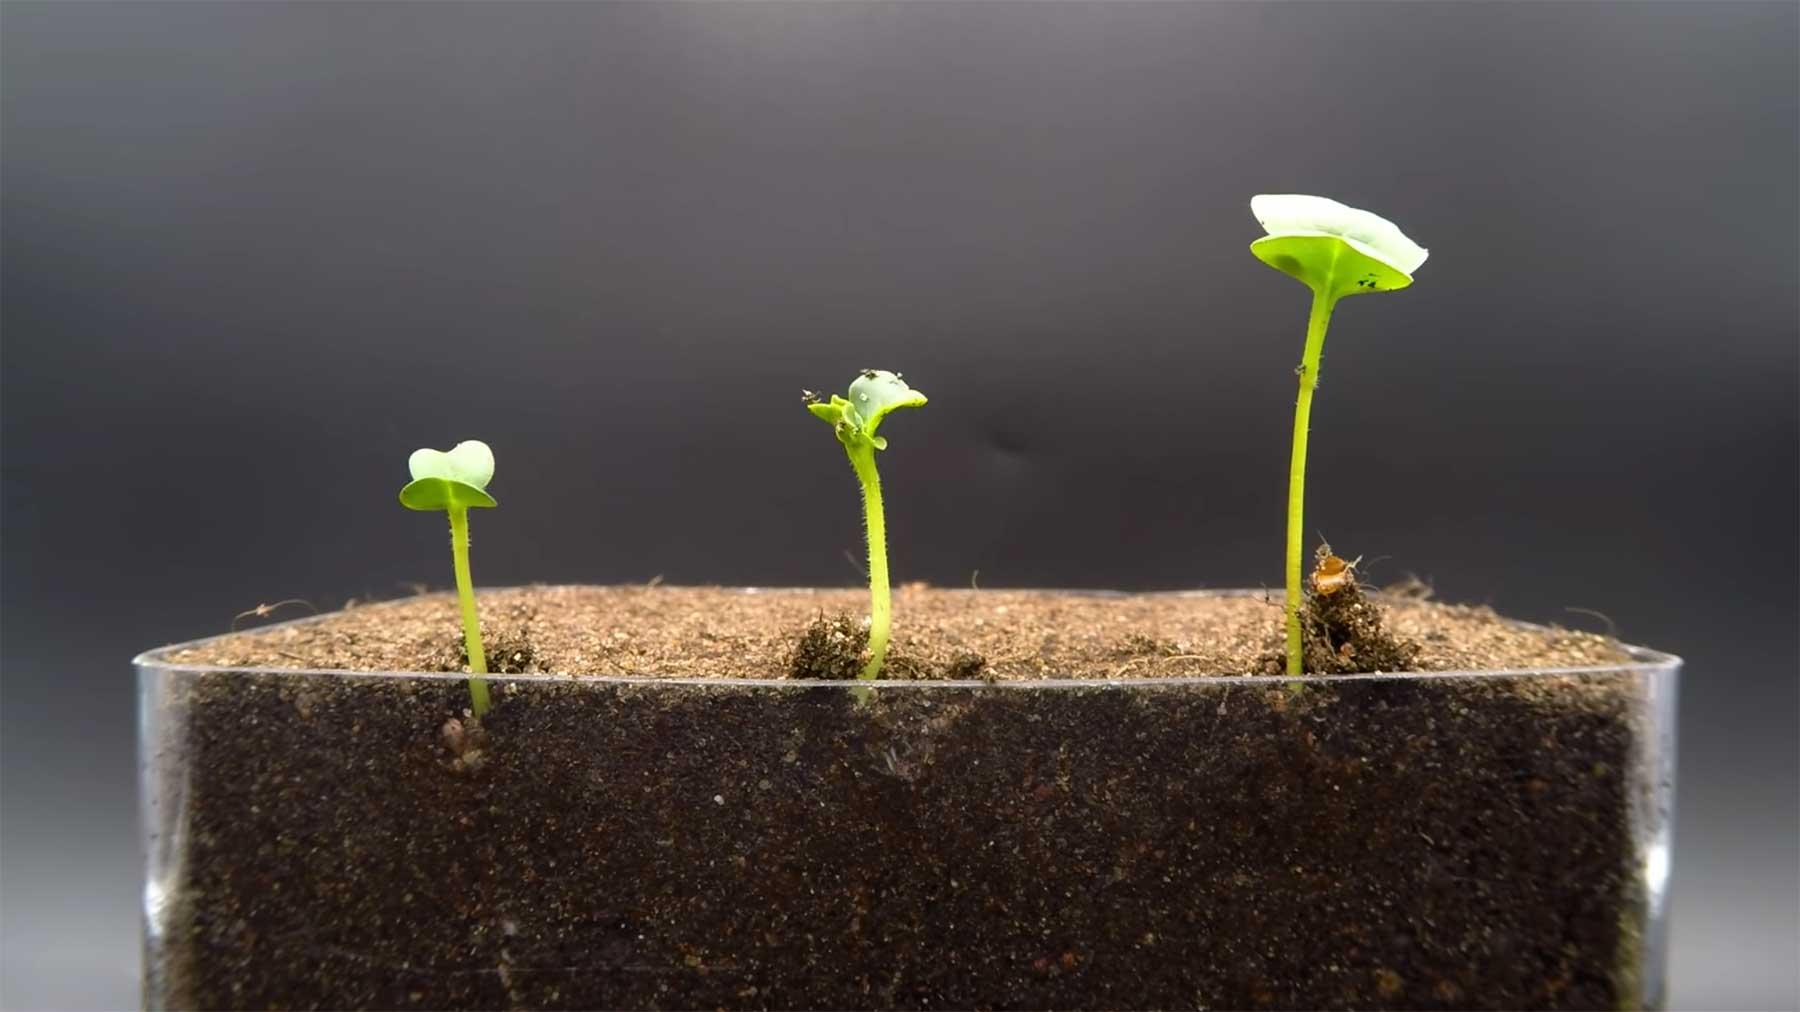 Pflanzen beim Wachsen zuschauen